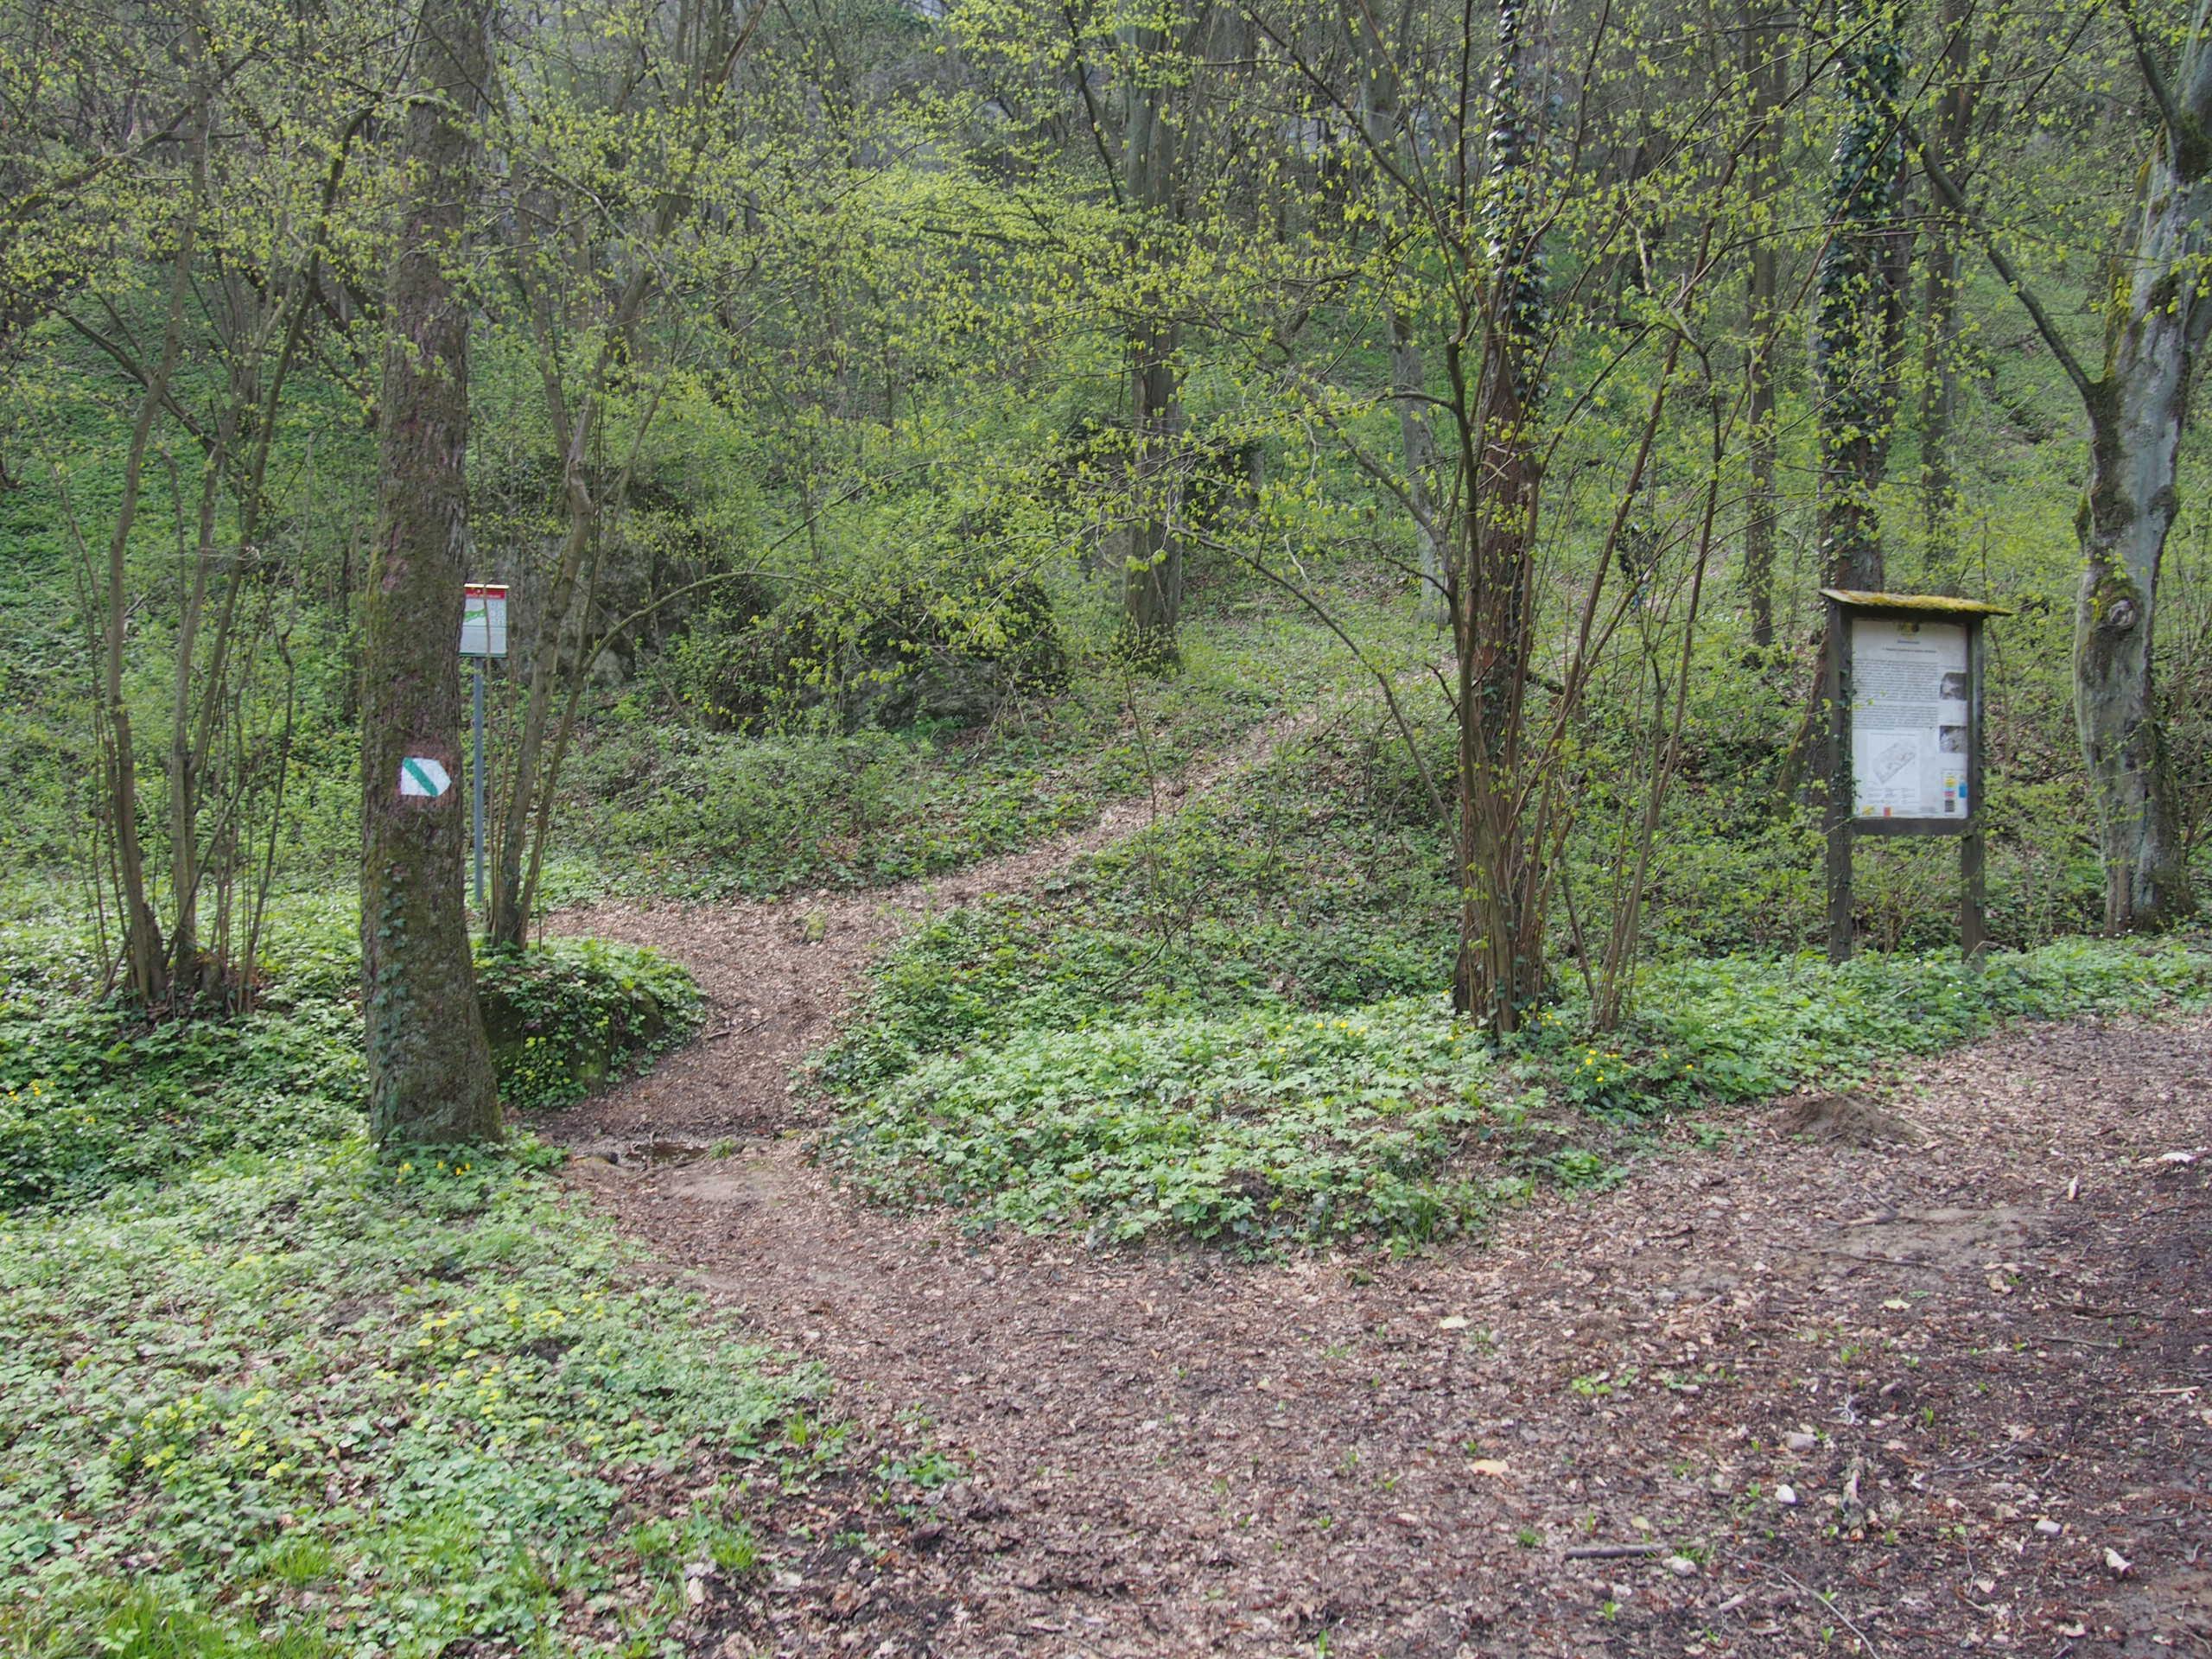 Las, tablica informacyjna, szlak z wejściem do rezerwatu